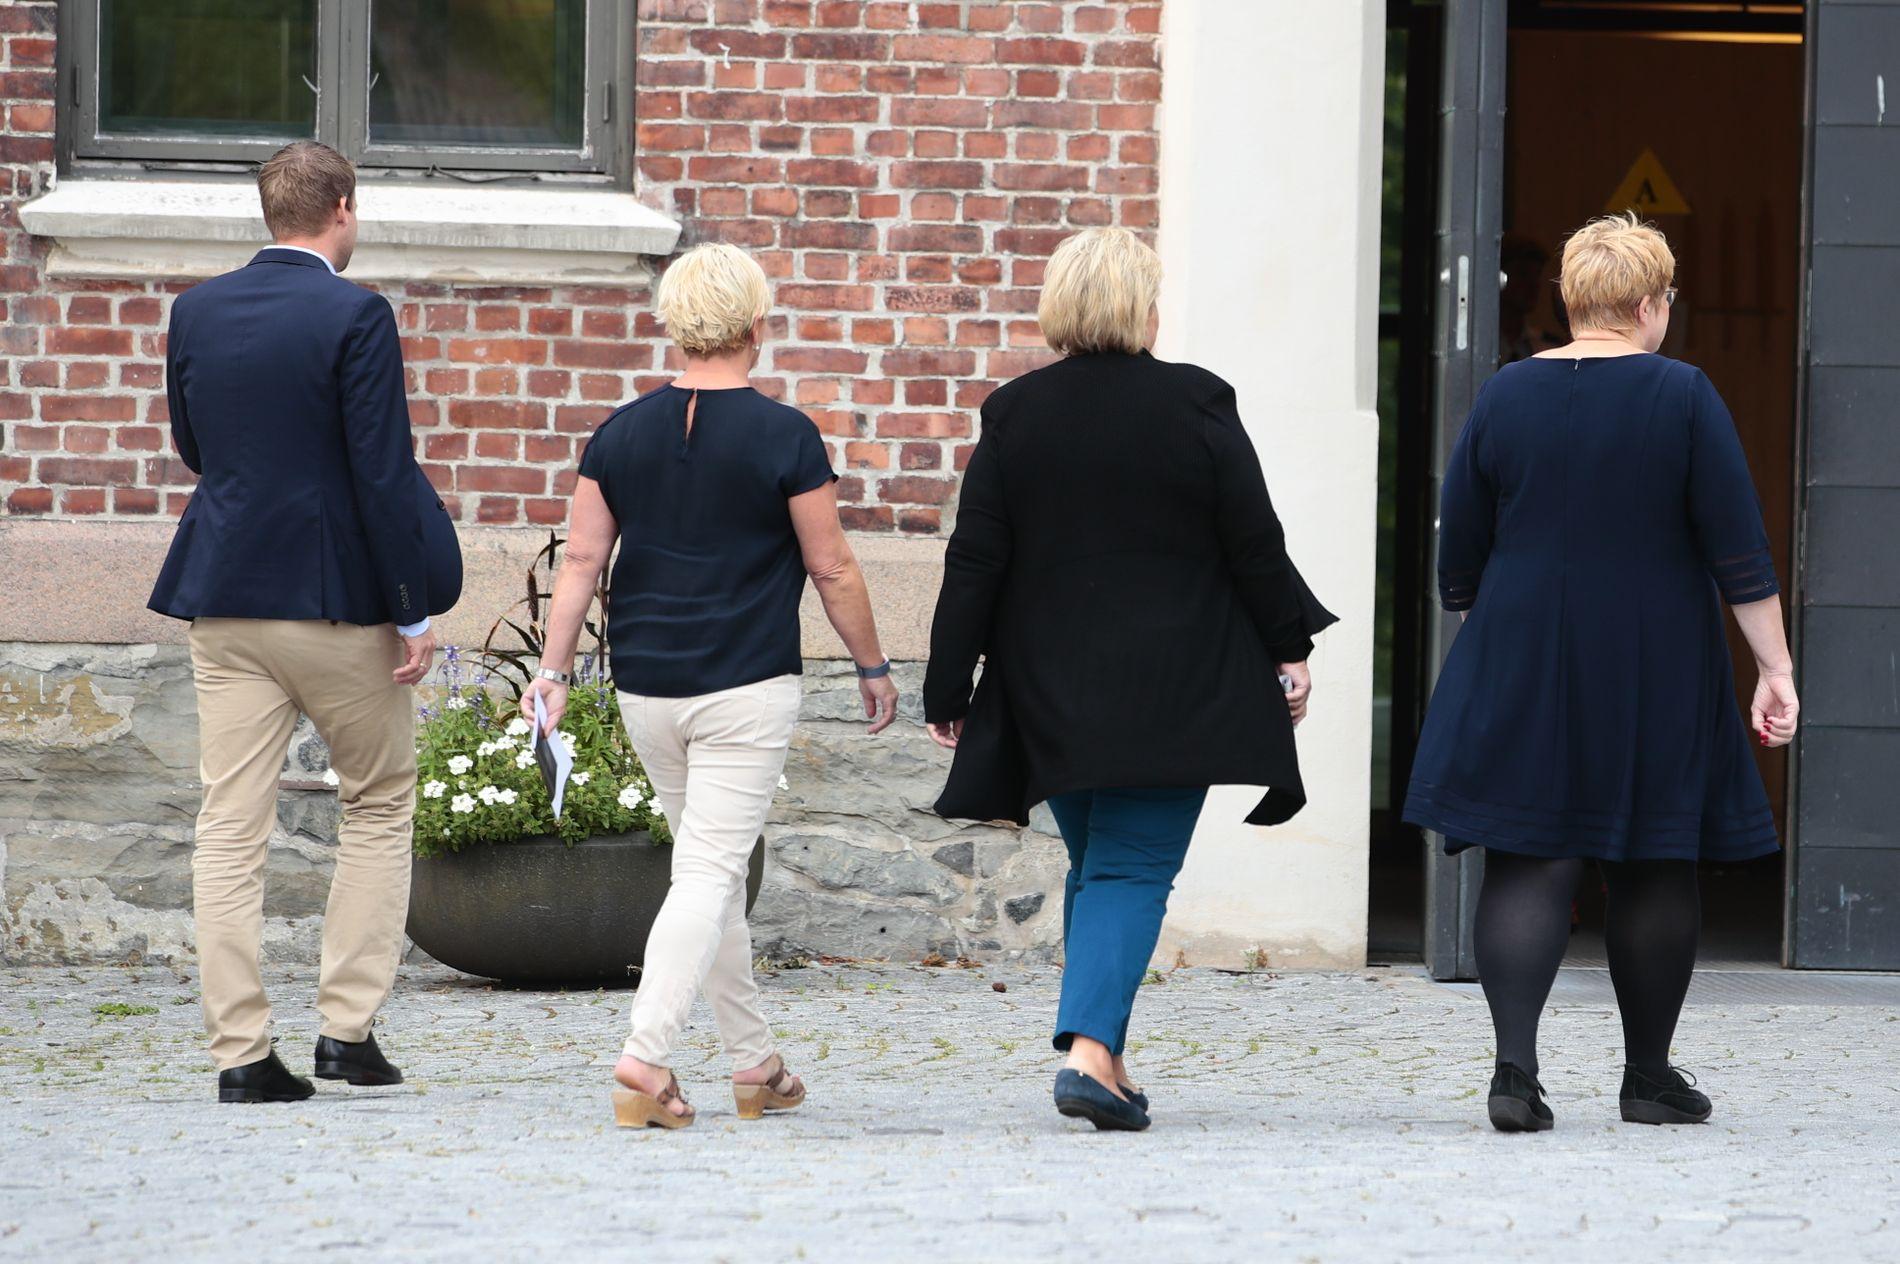 LAGER BUDSJETT: Regjeringens fire partiledere Kjell Ingolf Ropstad (KrF), Siv Jensen (Frp), Erna Solberg (H) og Trine Skei Grande (V) på vei inn til budsjettkonferanse onsdag morgen.